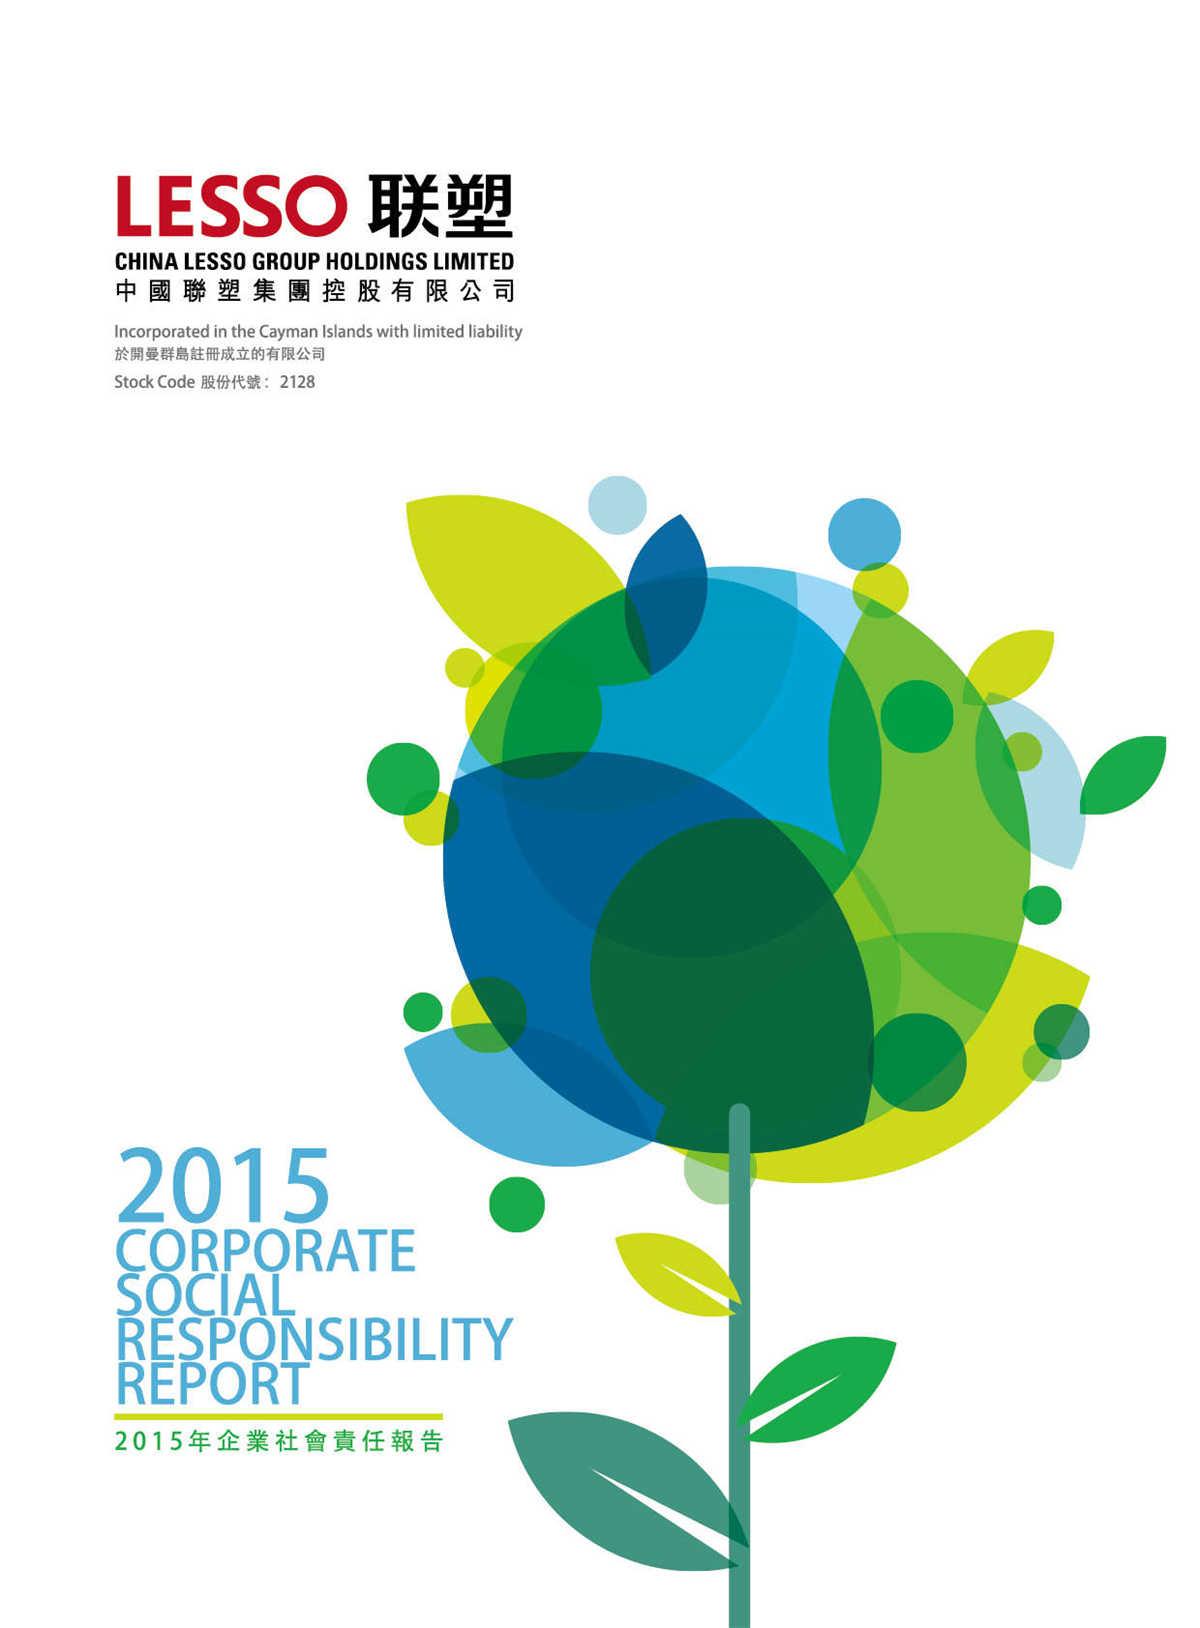 Lesso 2015 CSR REPORT